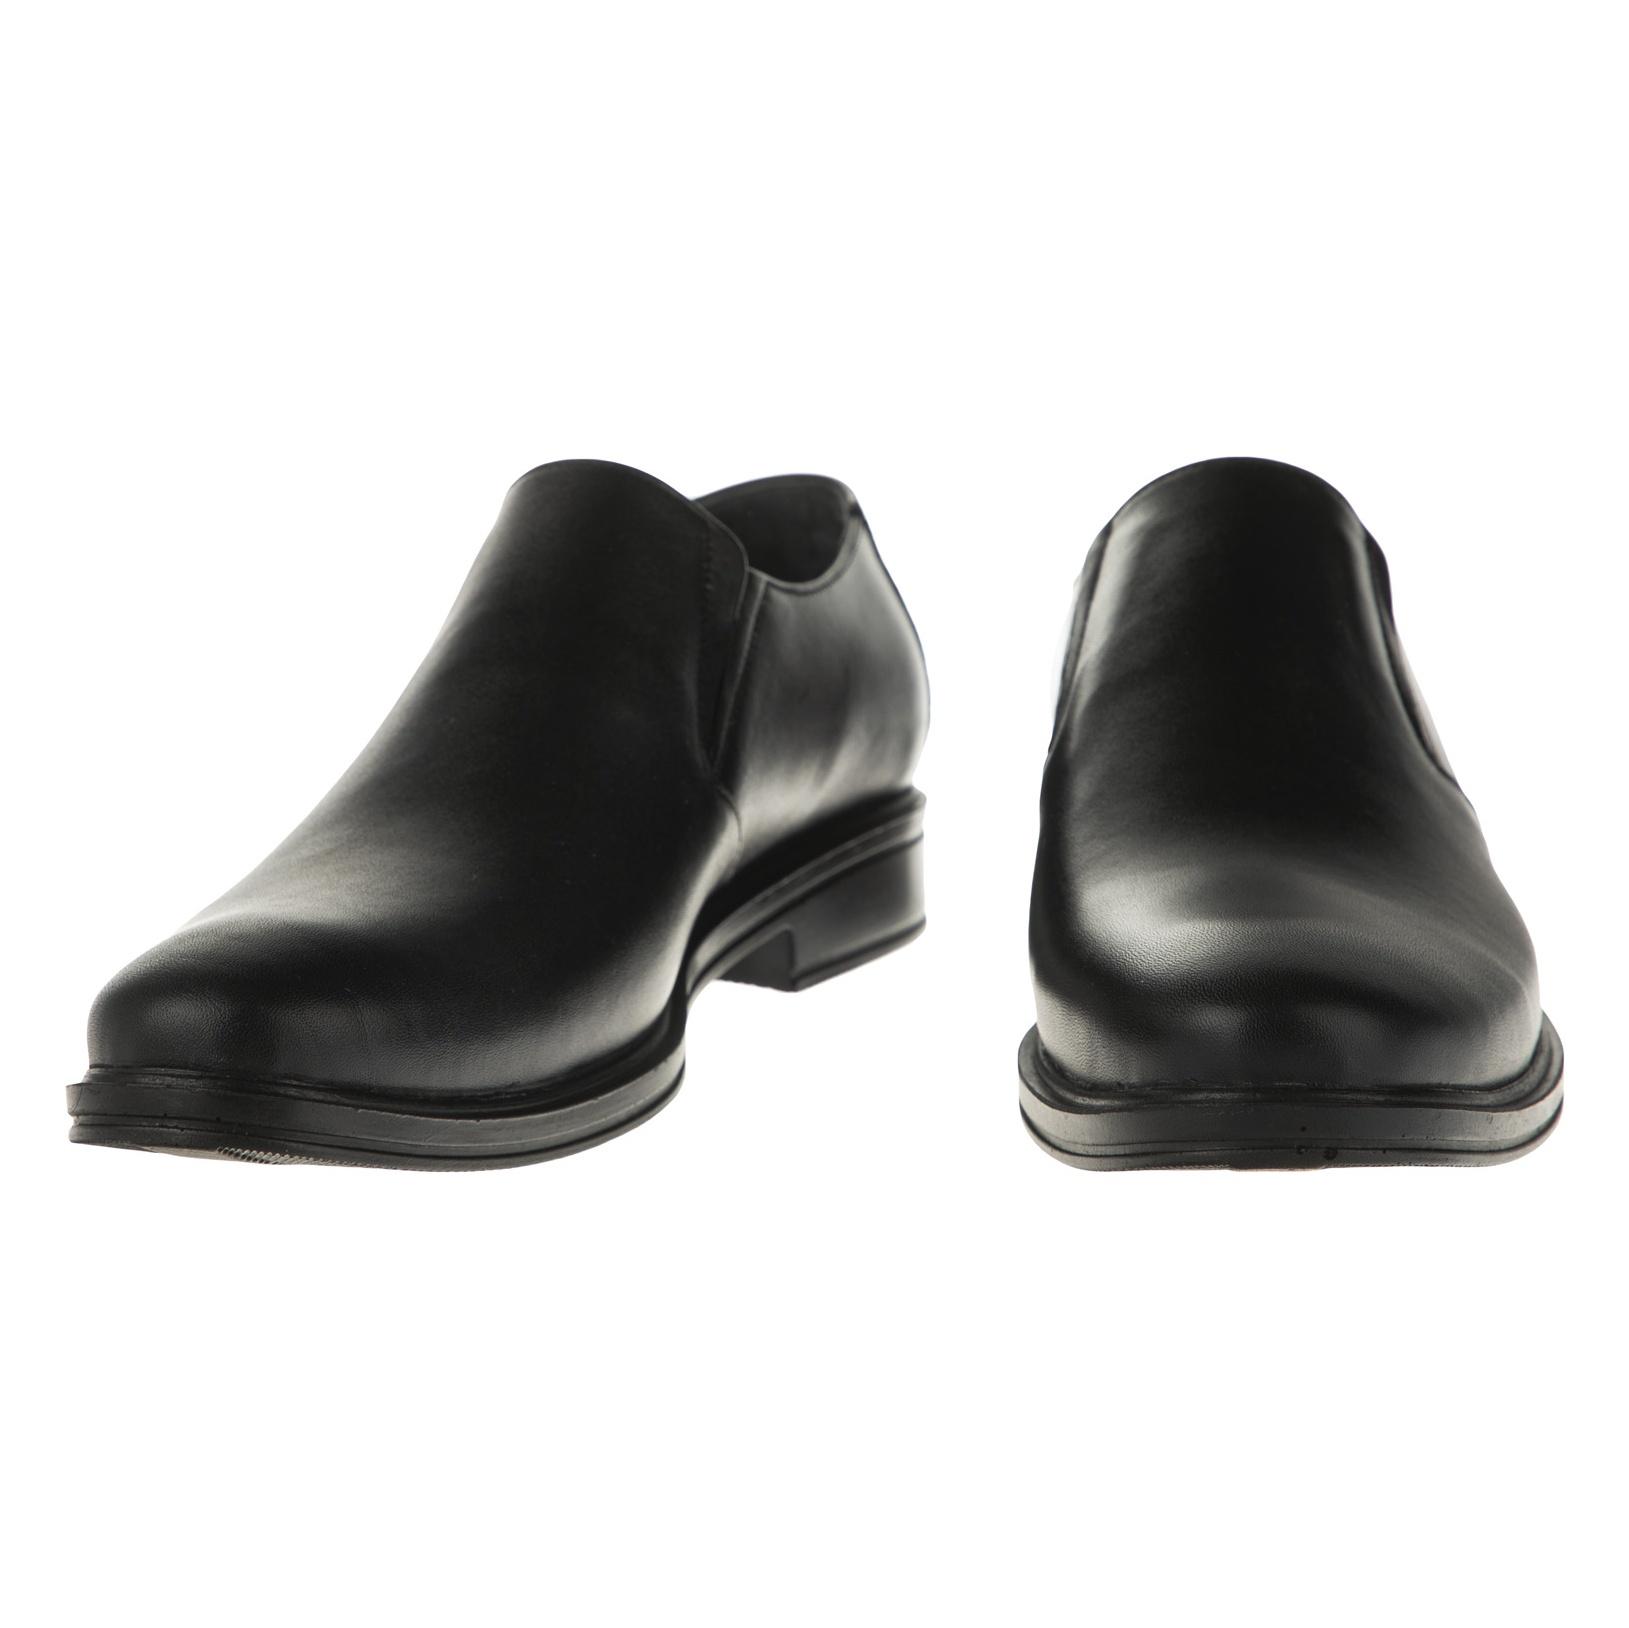 کفش مردانه شیفر مدل 7161B-101 -  - 5